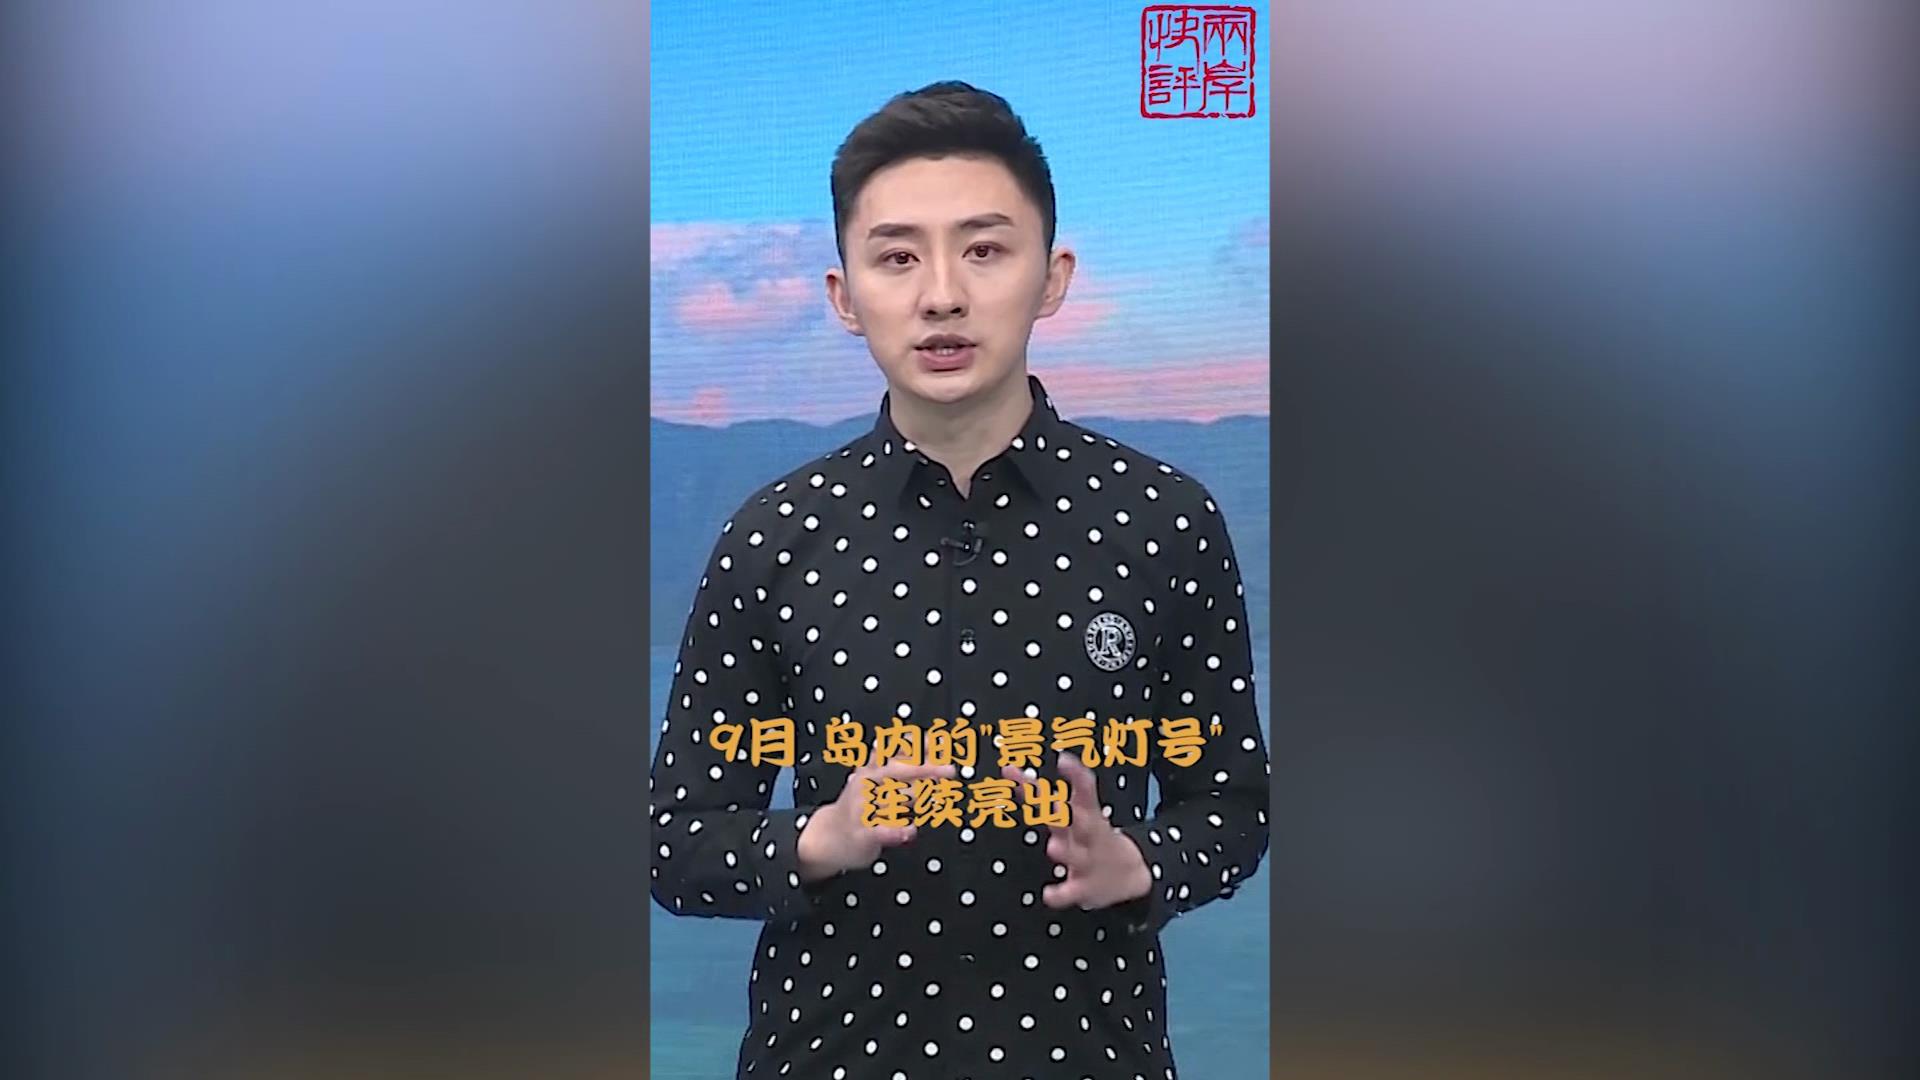 【两岸快评】民进党什麽最行?危言耸听超一流.jpg